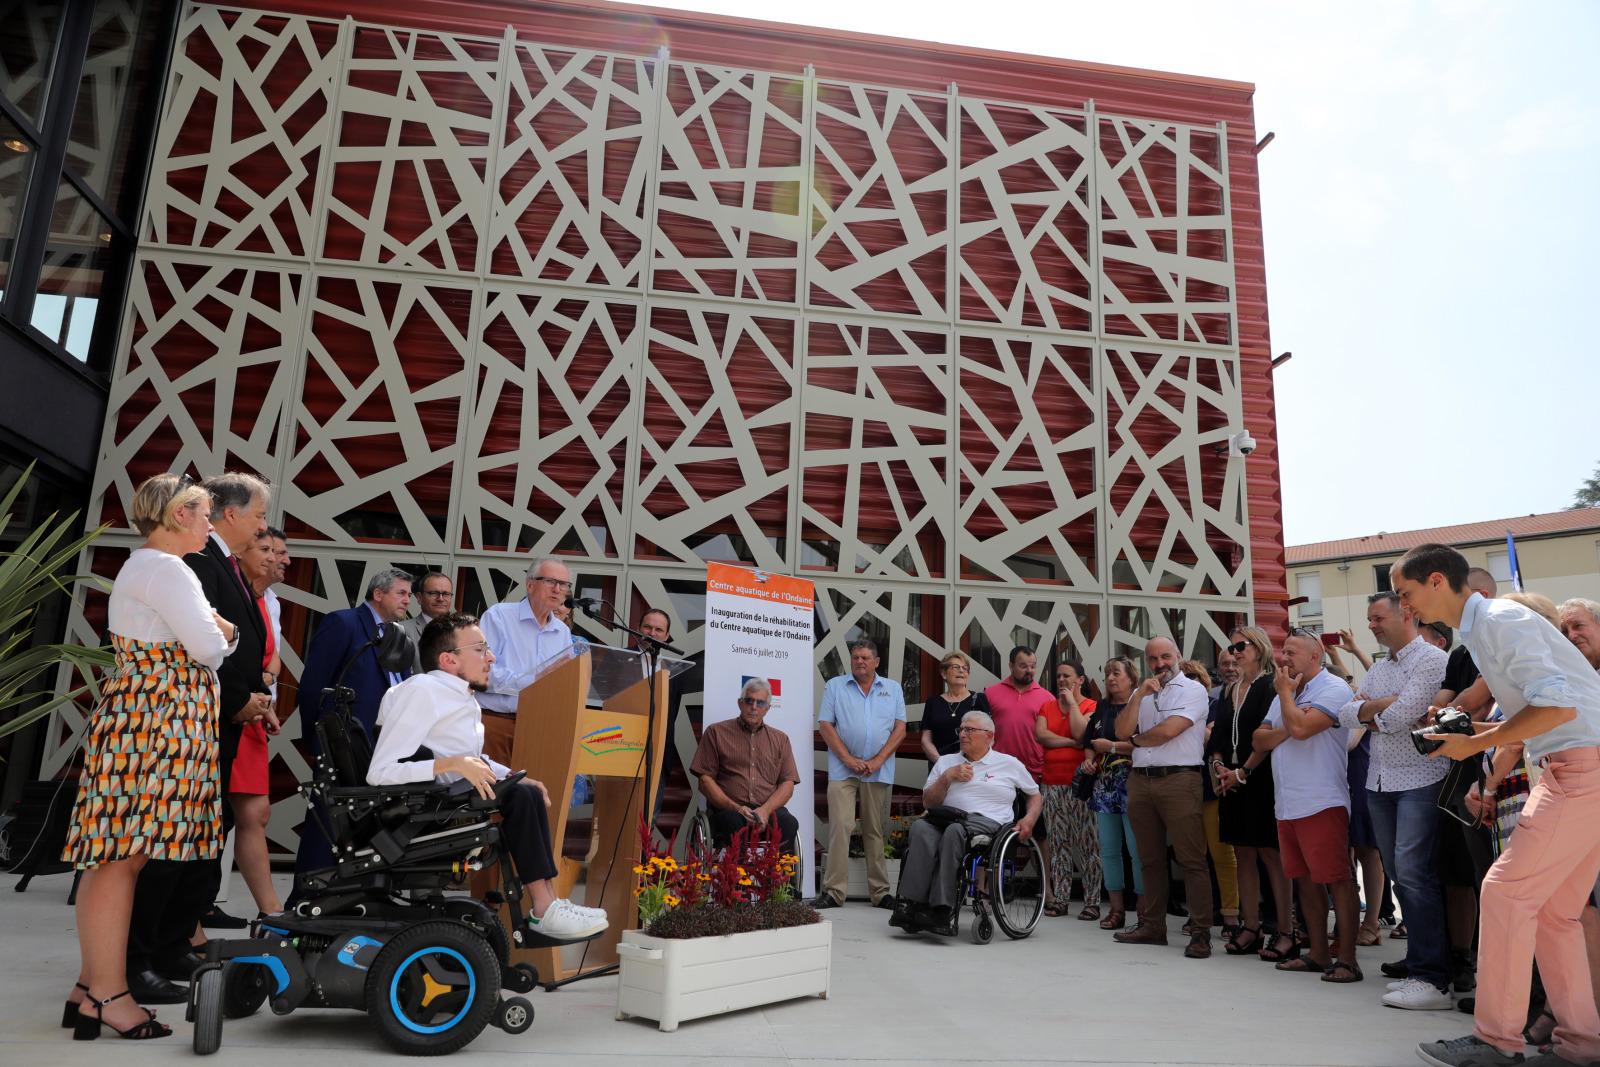 Le nouveau centre aquatique de l'Ondaine inauguré